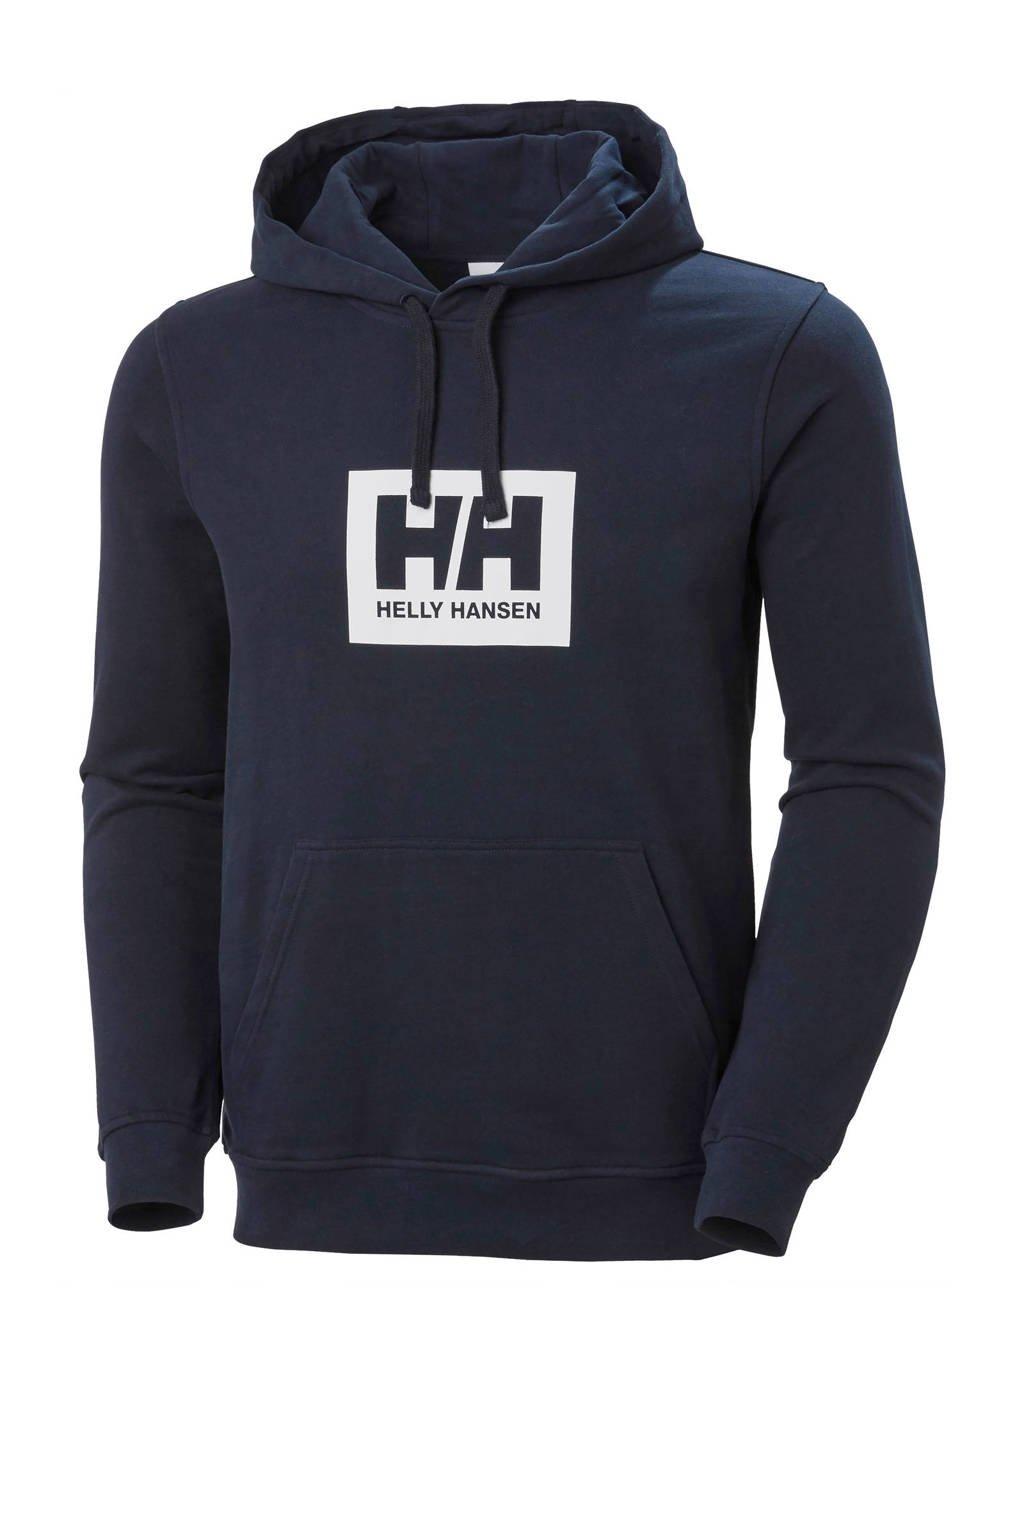 Blauwe heren trui Helly Hansen Tokyo Hoodie - 53289-597